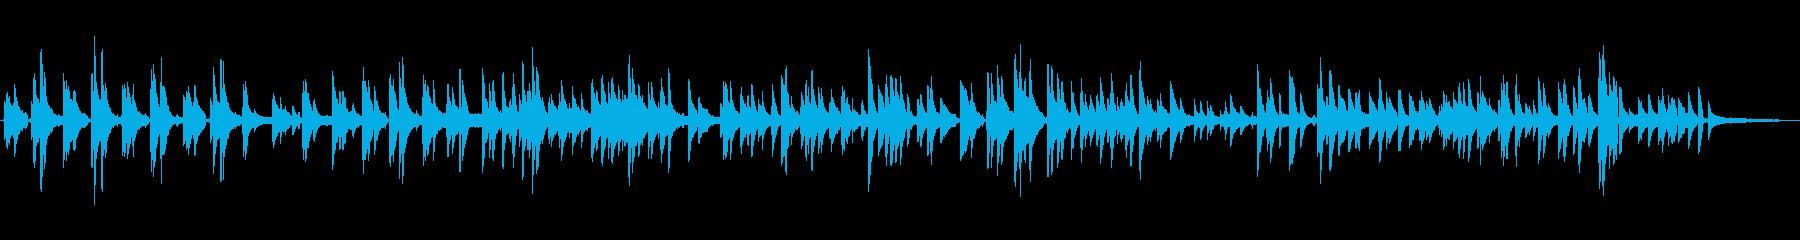 青空珈琲・生ピアノソロの再生済みの波形